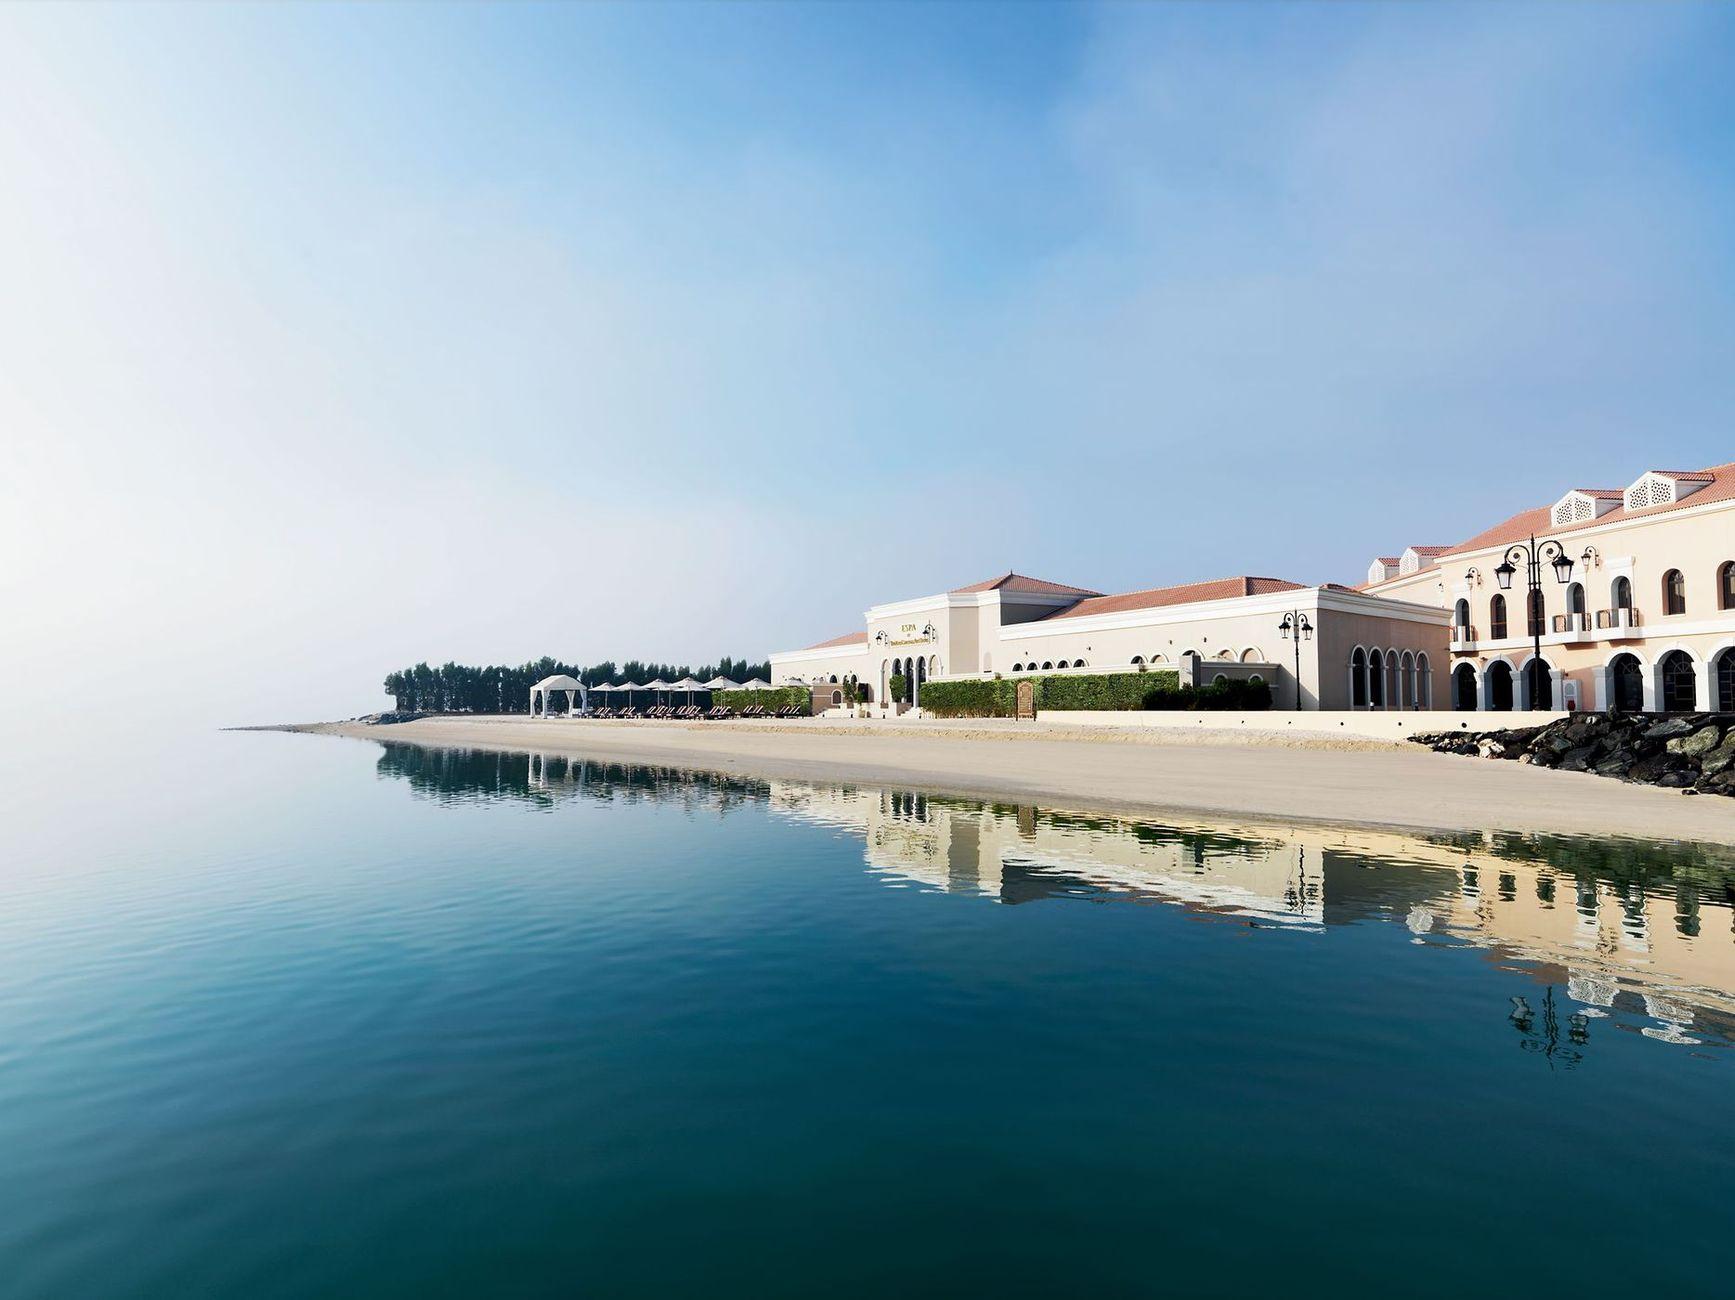 Розкішний spa-центр на пляжі, де пропонуються розслабляючі процедури та фітнес-центр, що працює 24 години з найсучаснішим обладнанням та заняттями